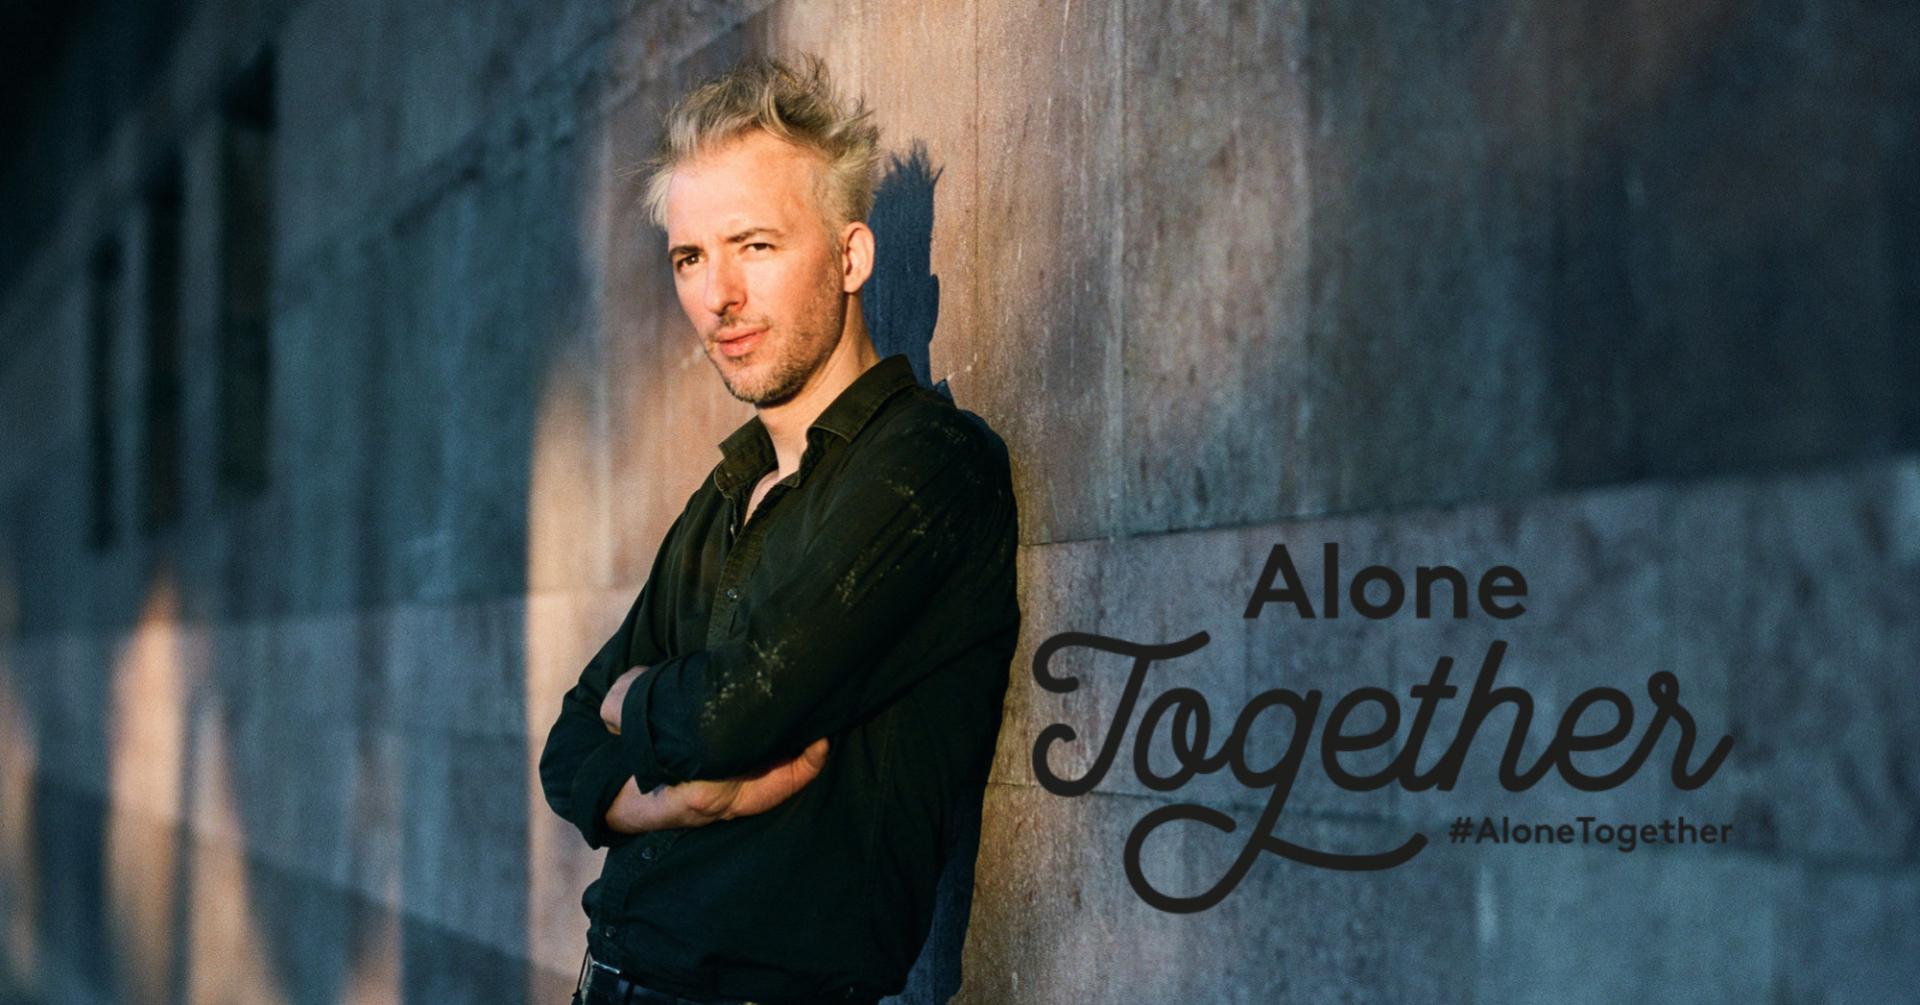 Mini-koncert Kralja Čačka ove subote na #AloneTogether platformi